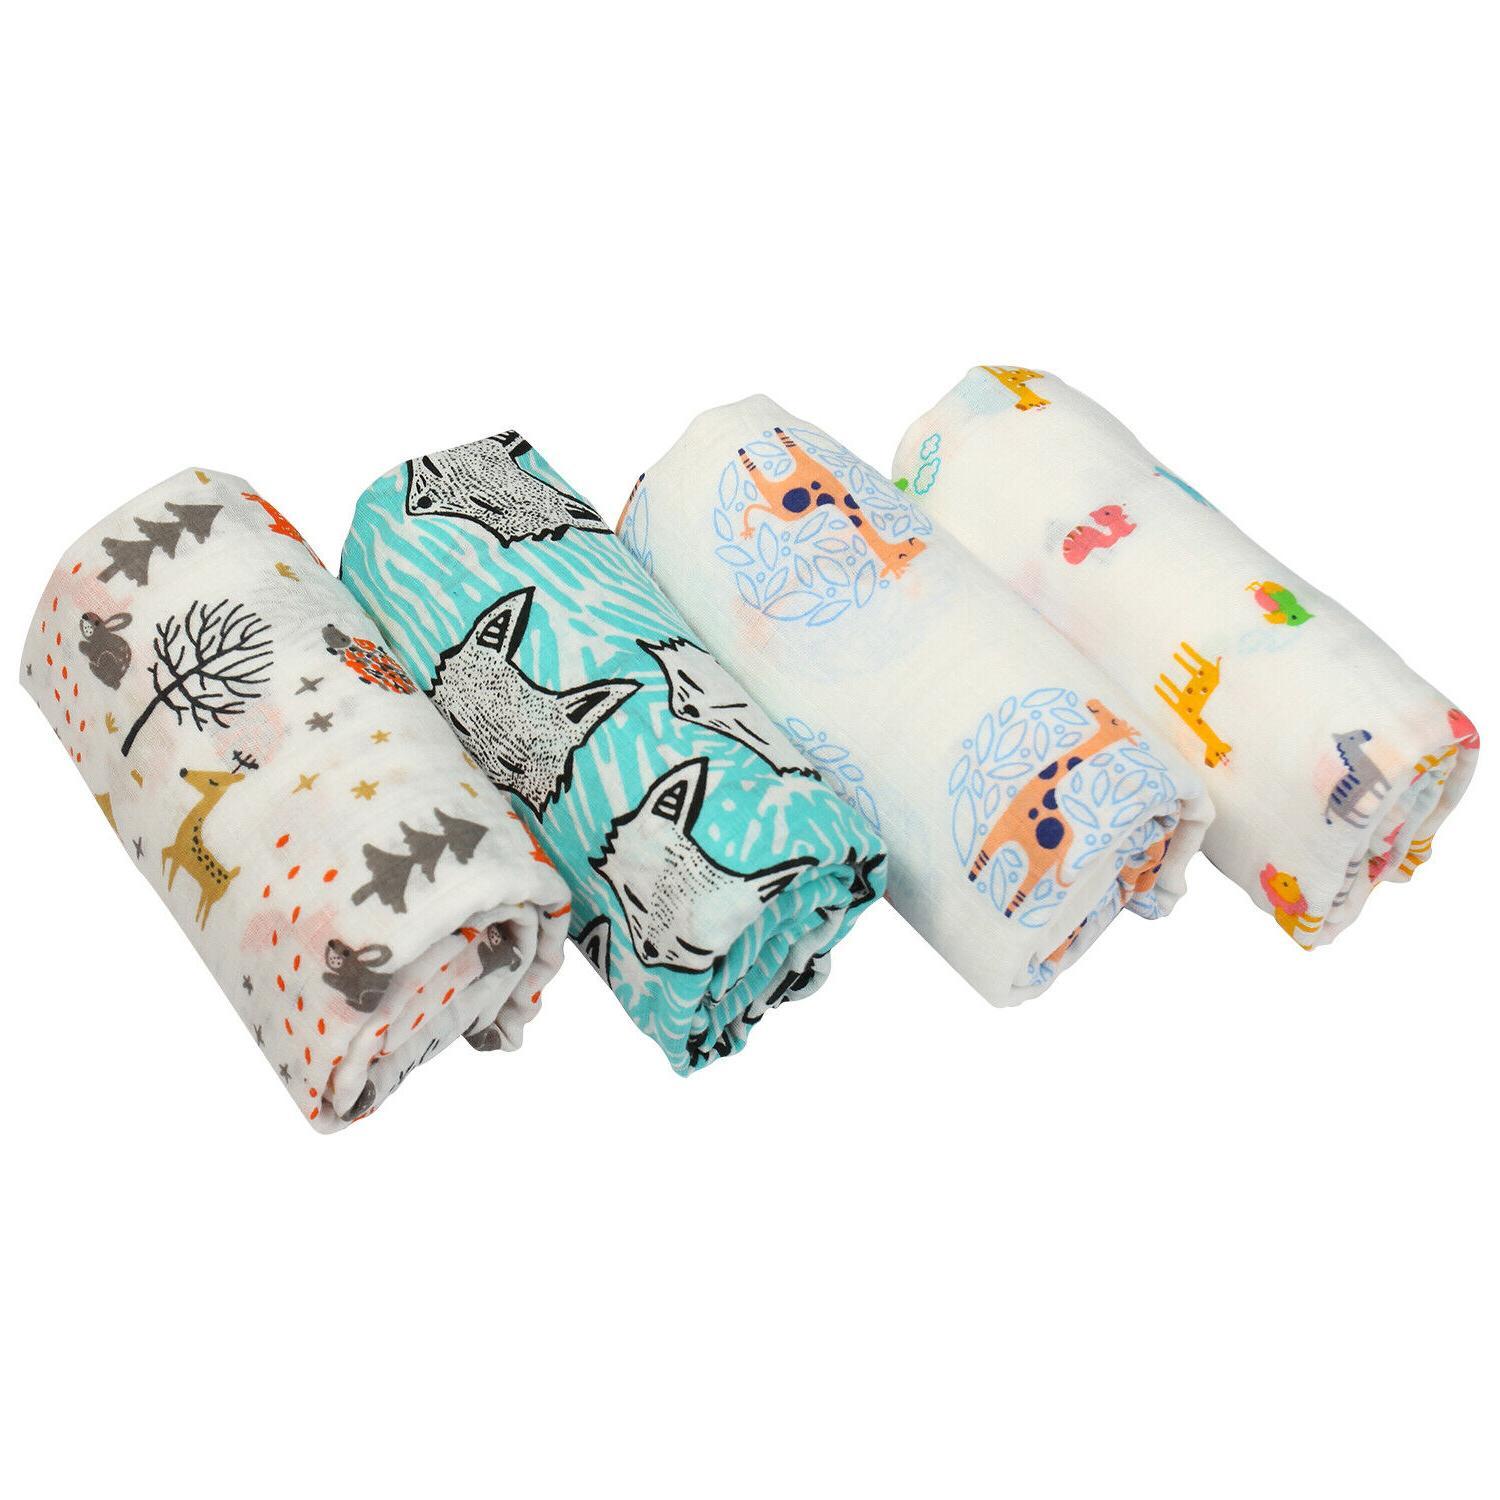 4 Blankets Muslin Bamboo Baby Boy Soft 47*47